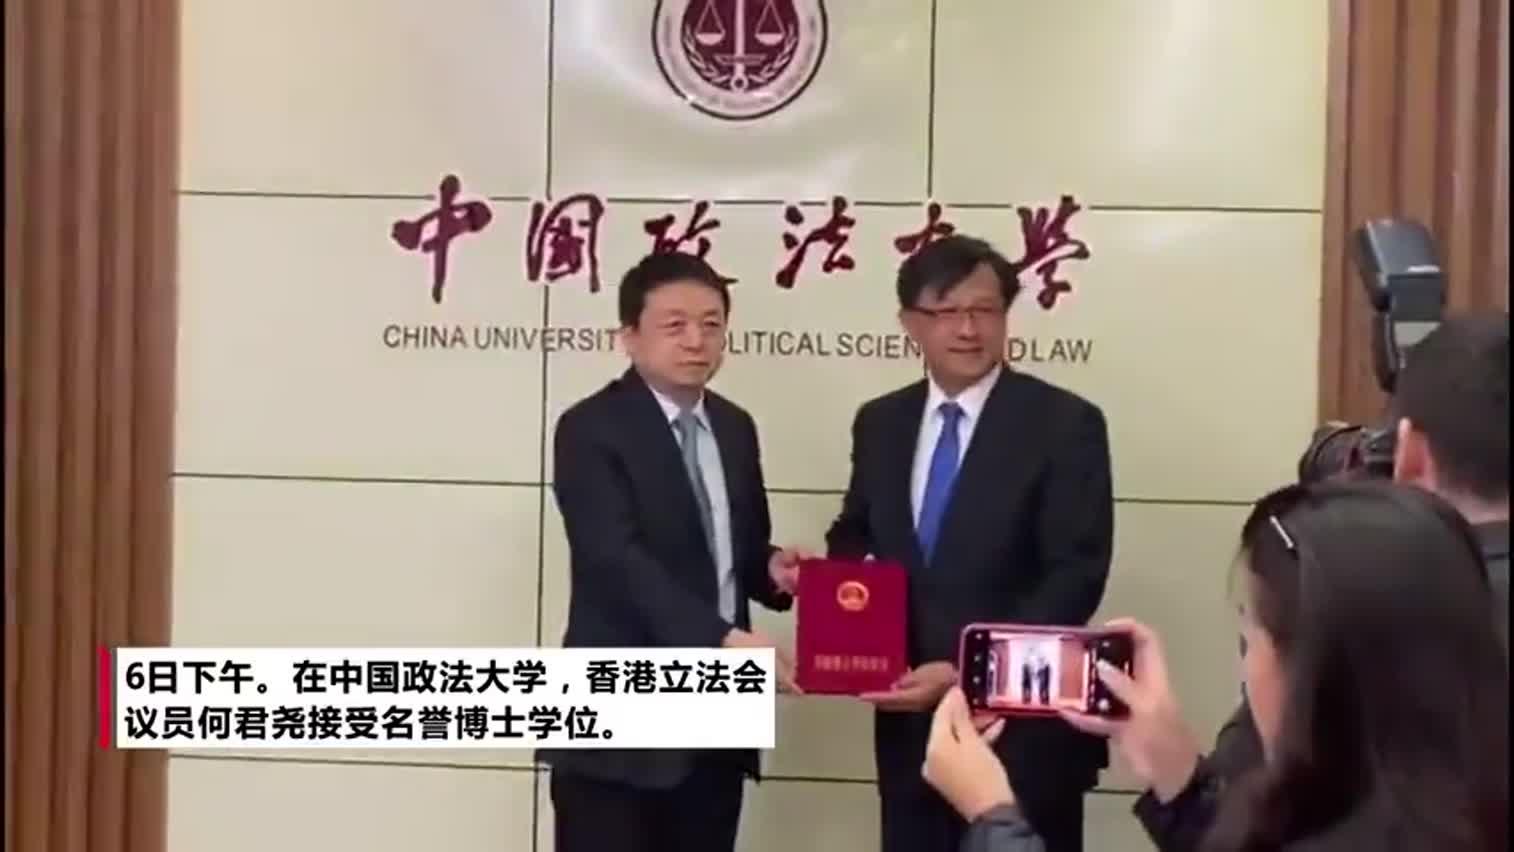 何君尧获中国政法大年夜学揭橥荣誉博士学位